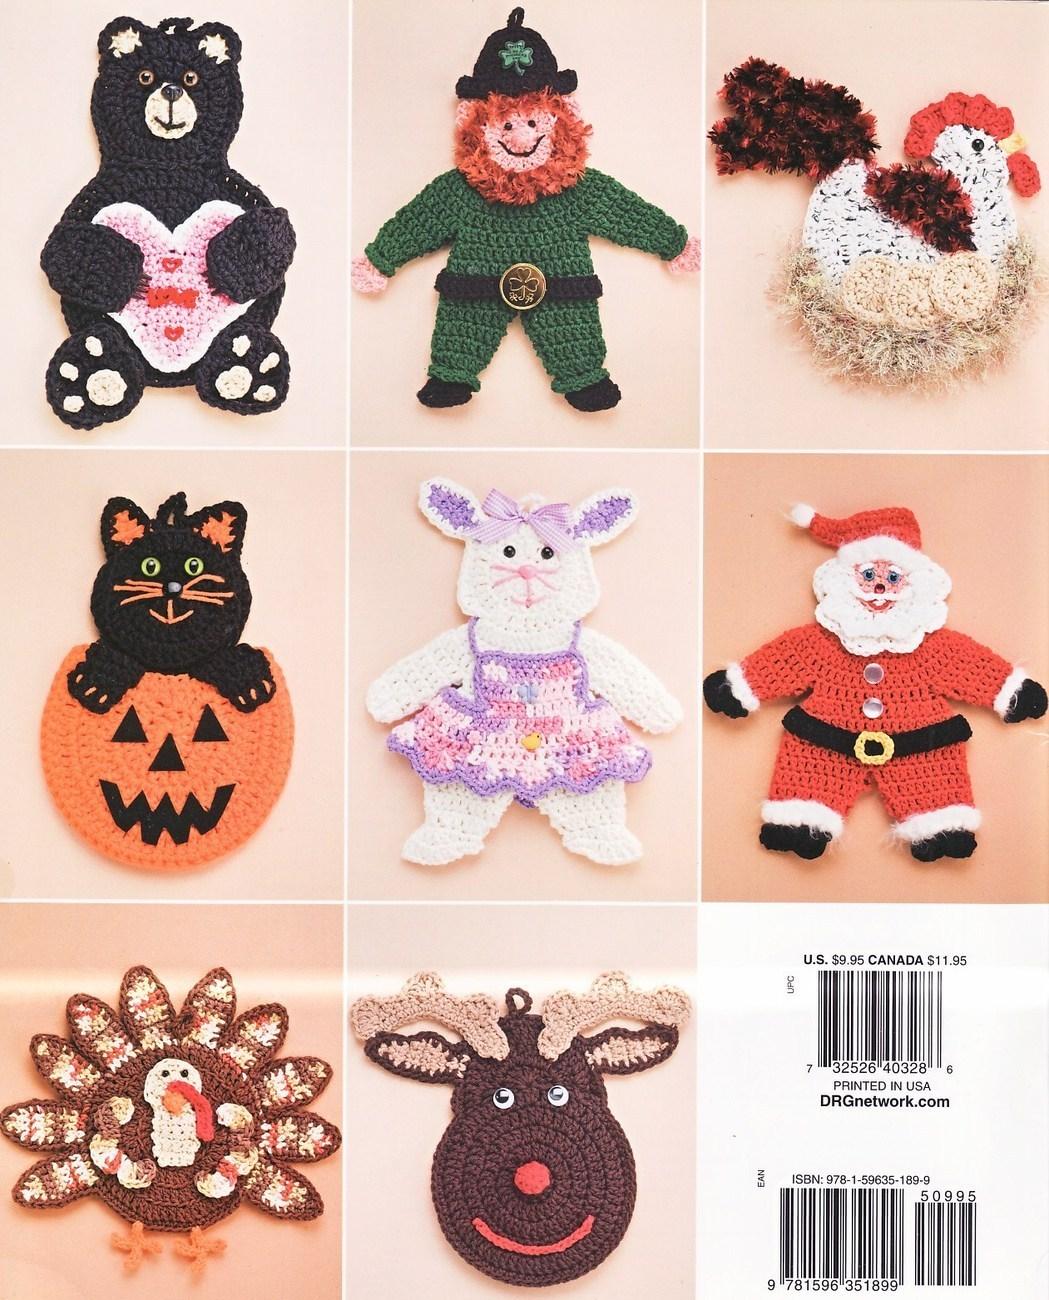 Easter Pot Holders Crochet: Whimsical Pot Holders Crochet Patterns Book Christmas